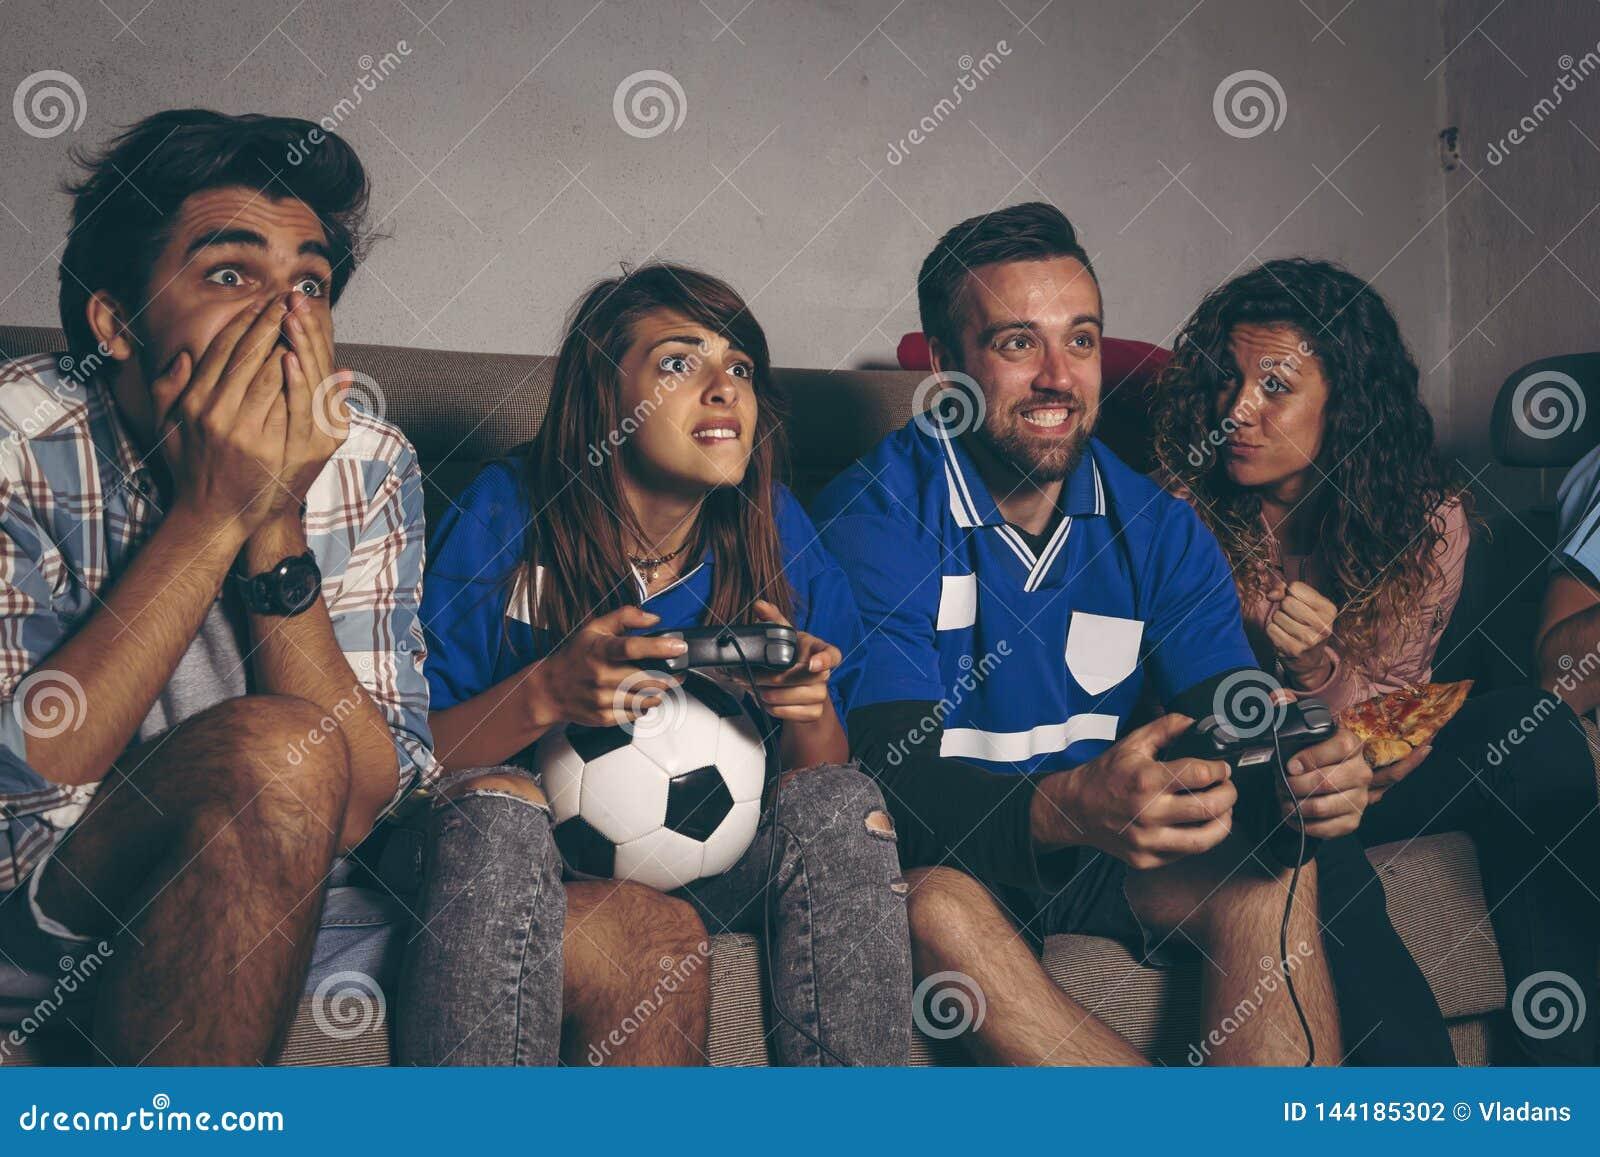 Οπαδοί ποδοσφαίρου που παίζουν ένα τηλεοπτικό παιχνίδι ποδοσφαίρου